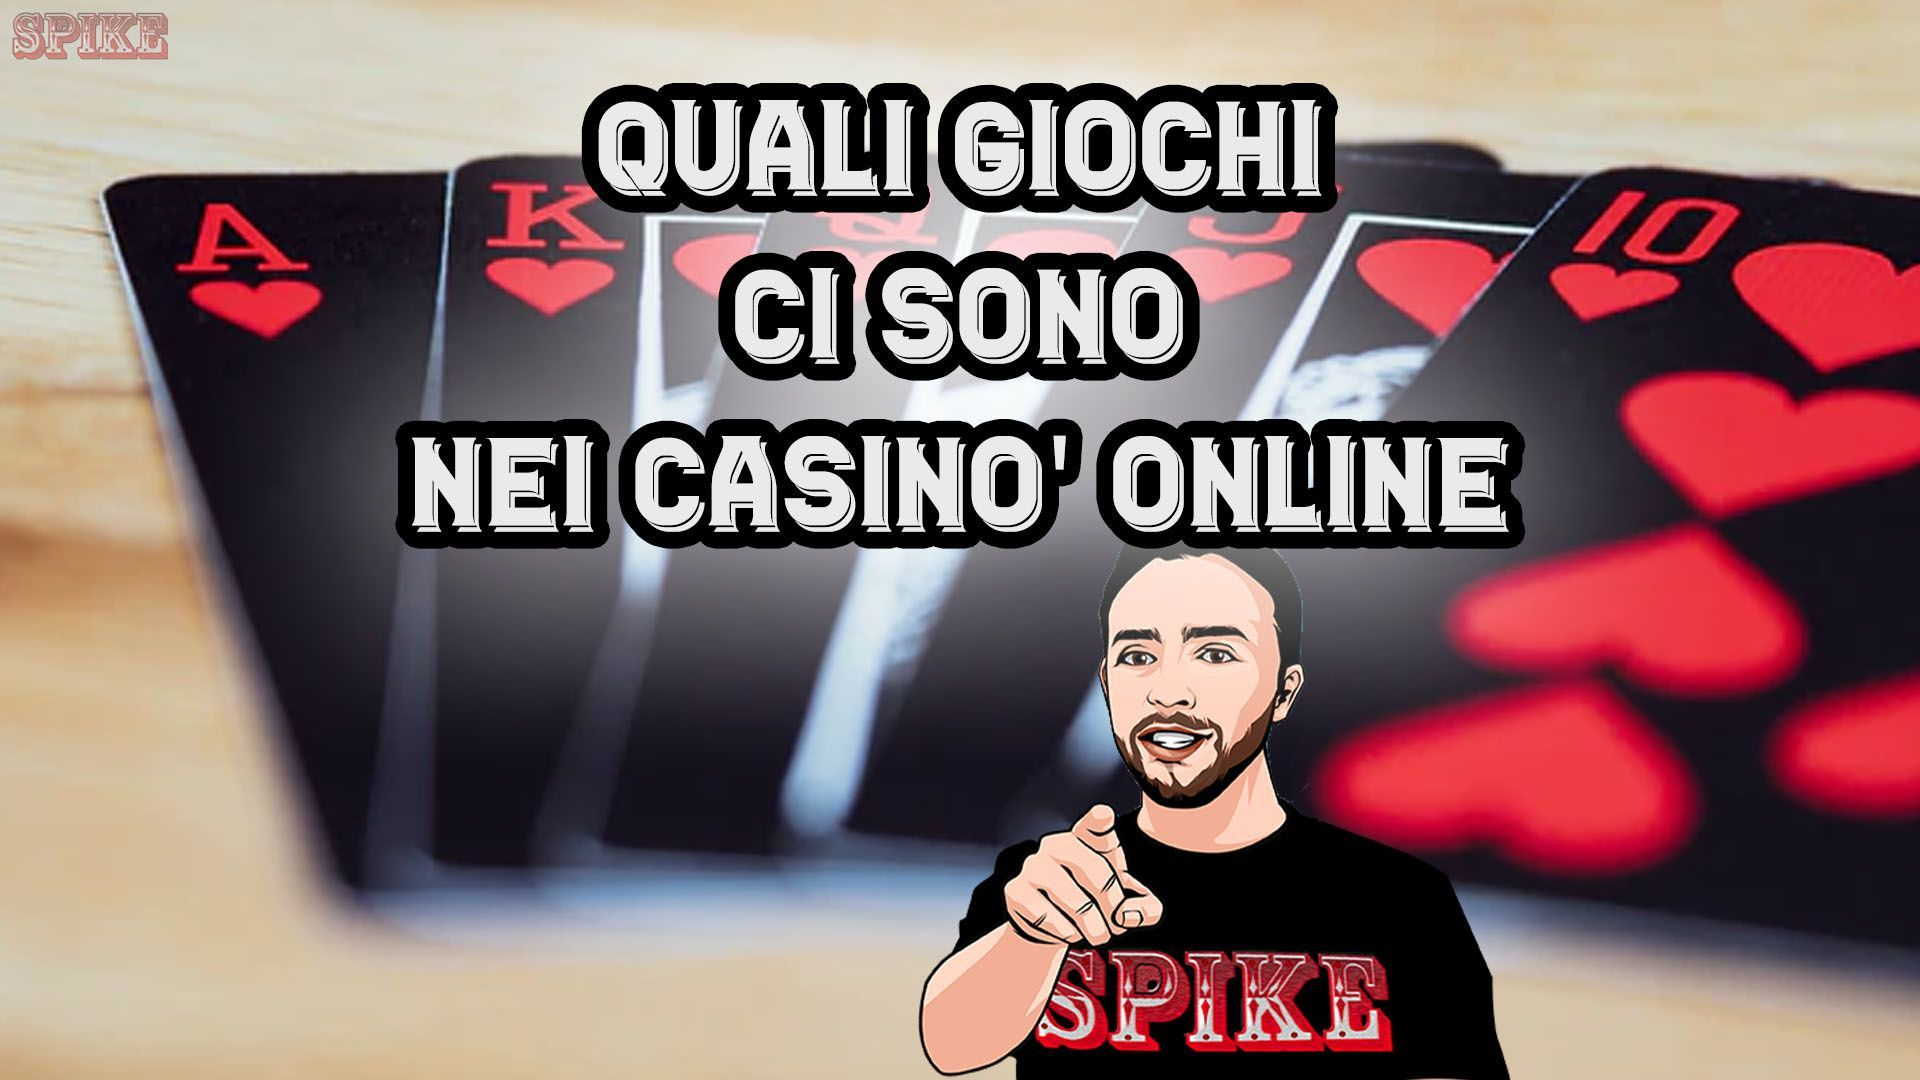 Quali Giochi Sono Disponibili Nei Casinò Online Card